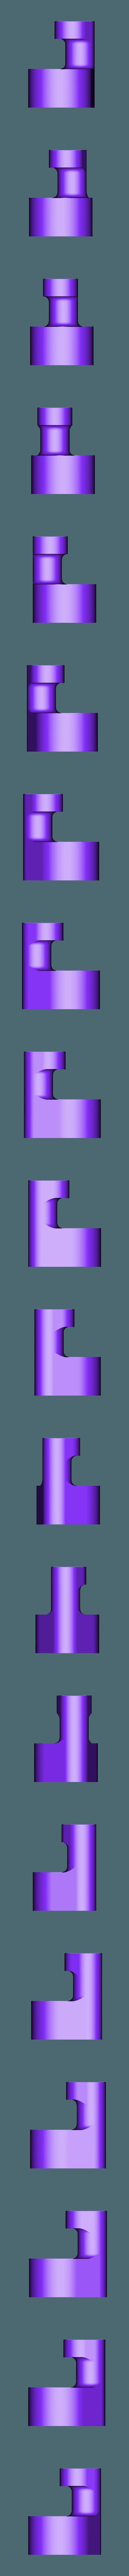 XX_Crank_Valve_Smaller_Hole.stl Télécharger fichier STL gratuit Vapemobile : Voiture jouet pneumatique • Modèle pour imprimante 3D, Slava_Z